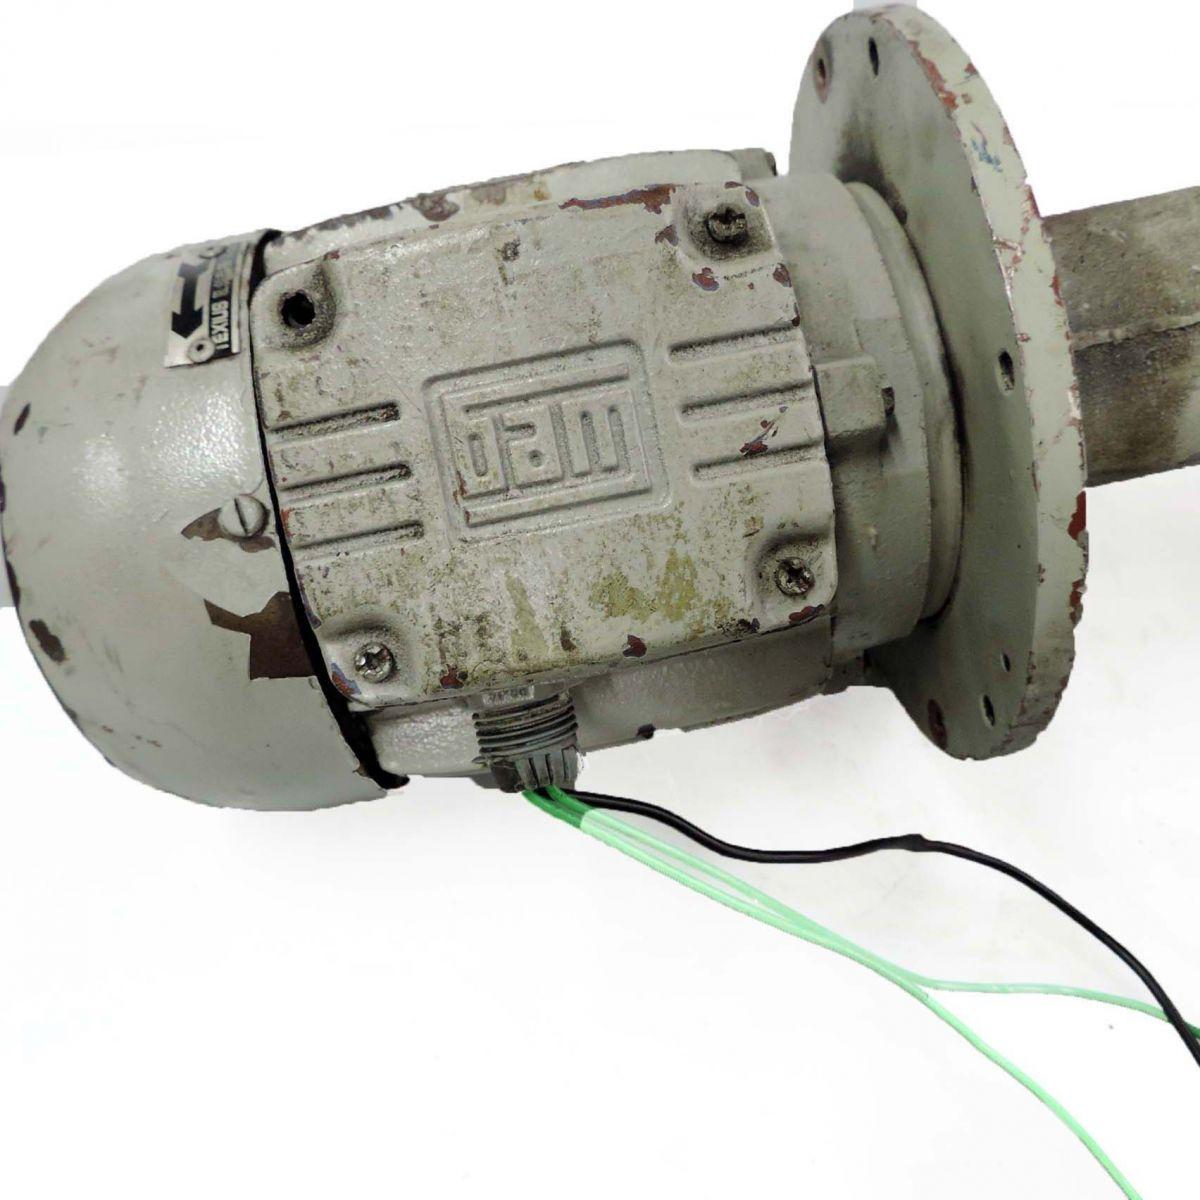 Bomba de Refrigeração Marca Texius F17 - 4 CV 3445 RPM